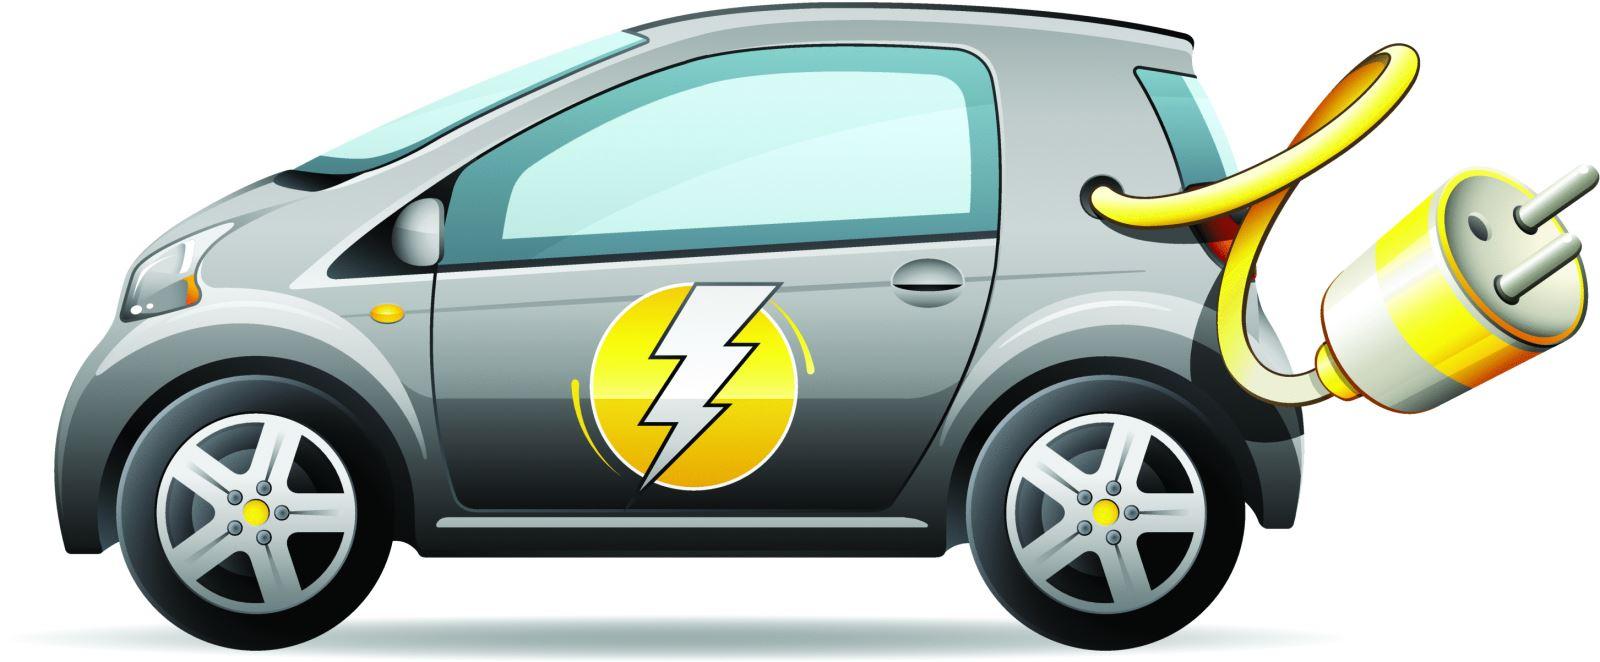 2017-2021年全球电动汽车电池将年增41.95%